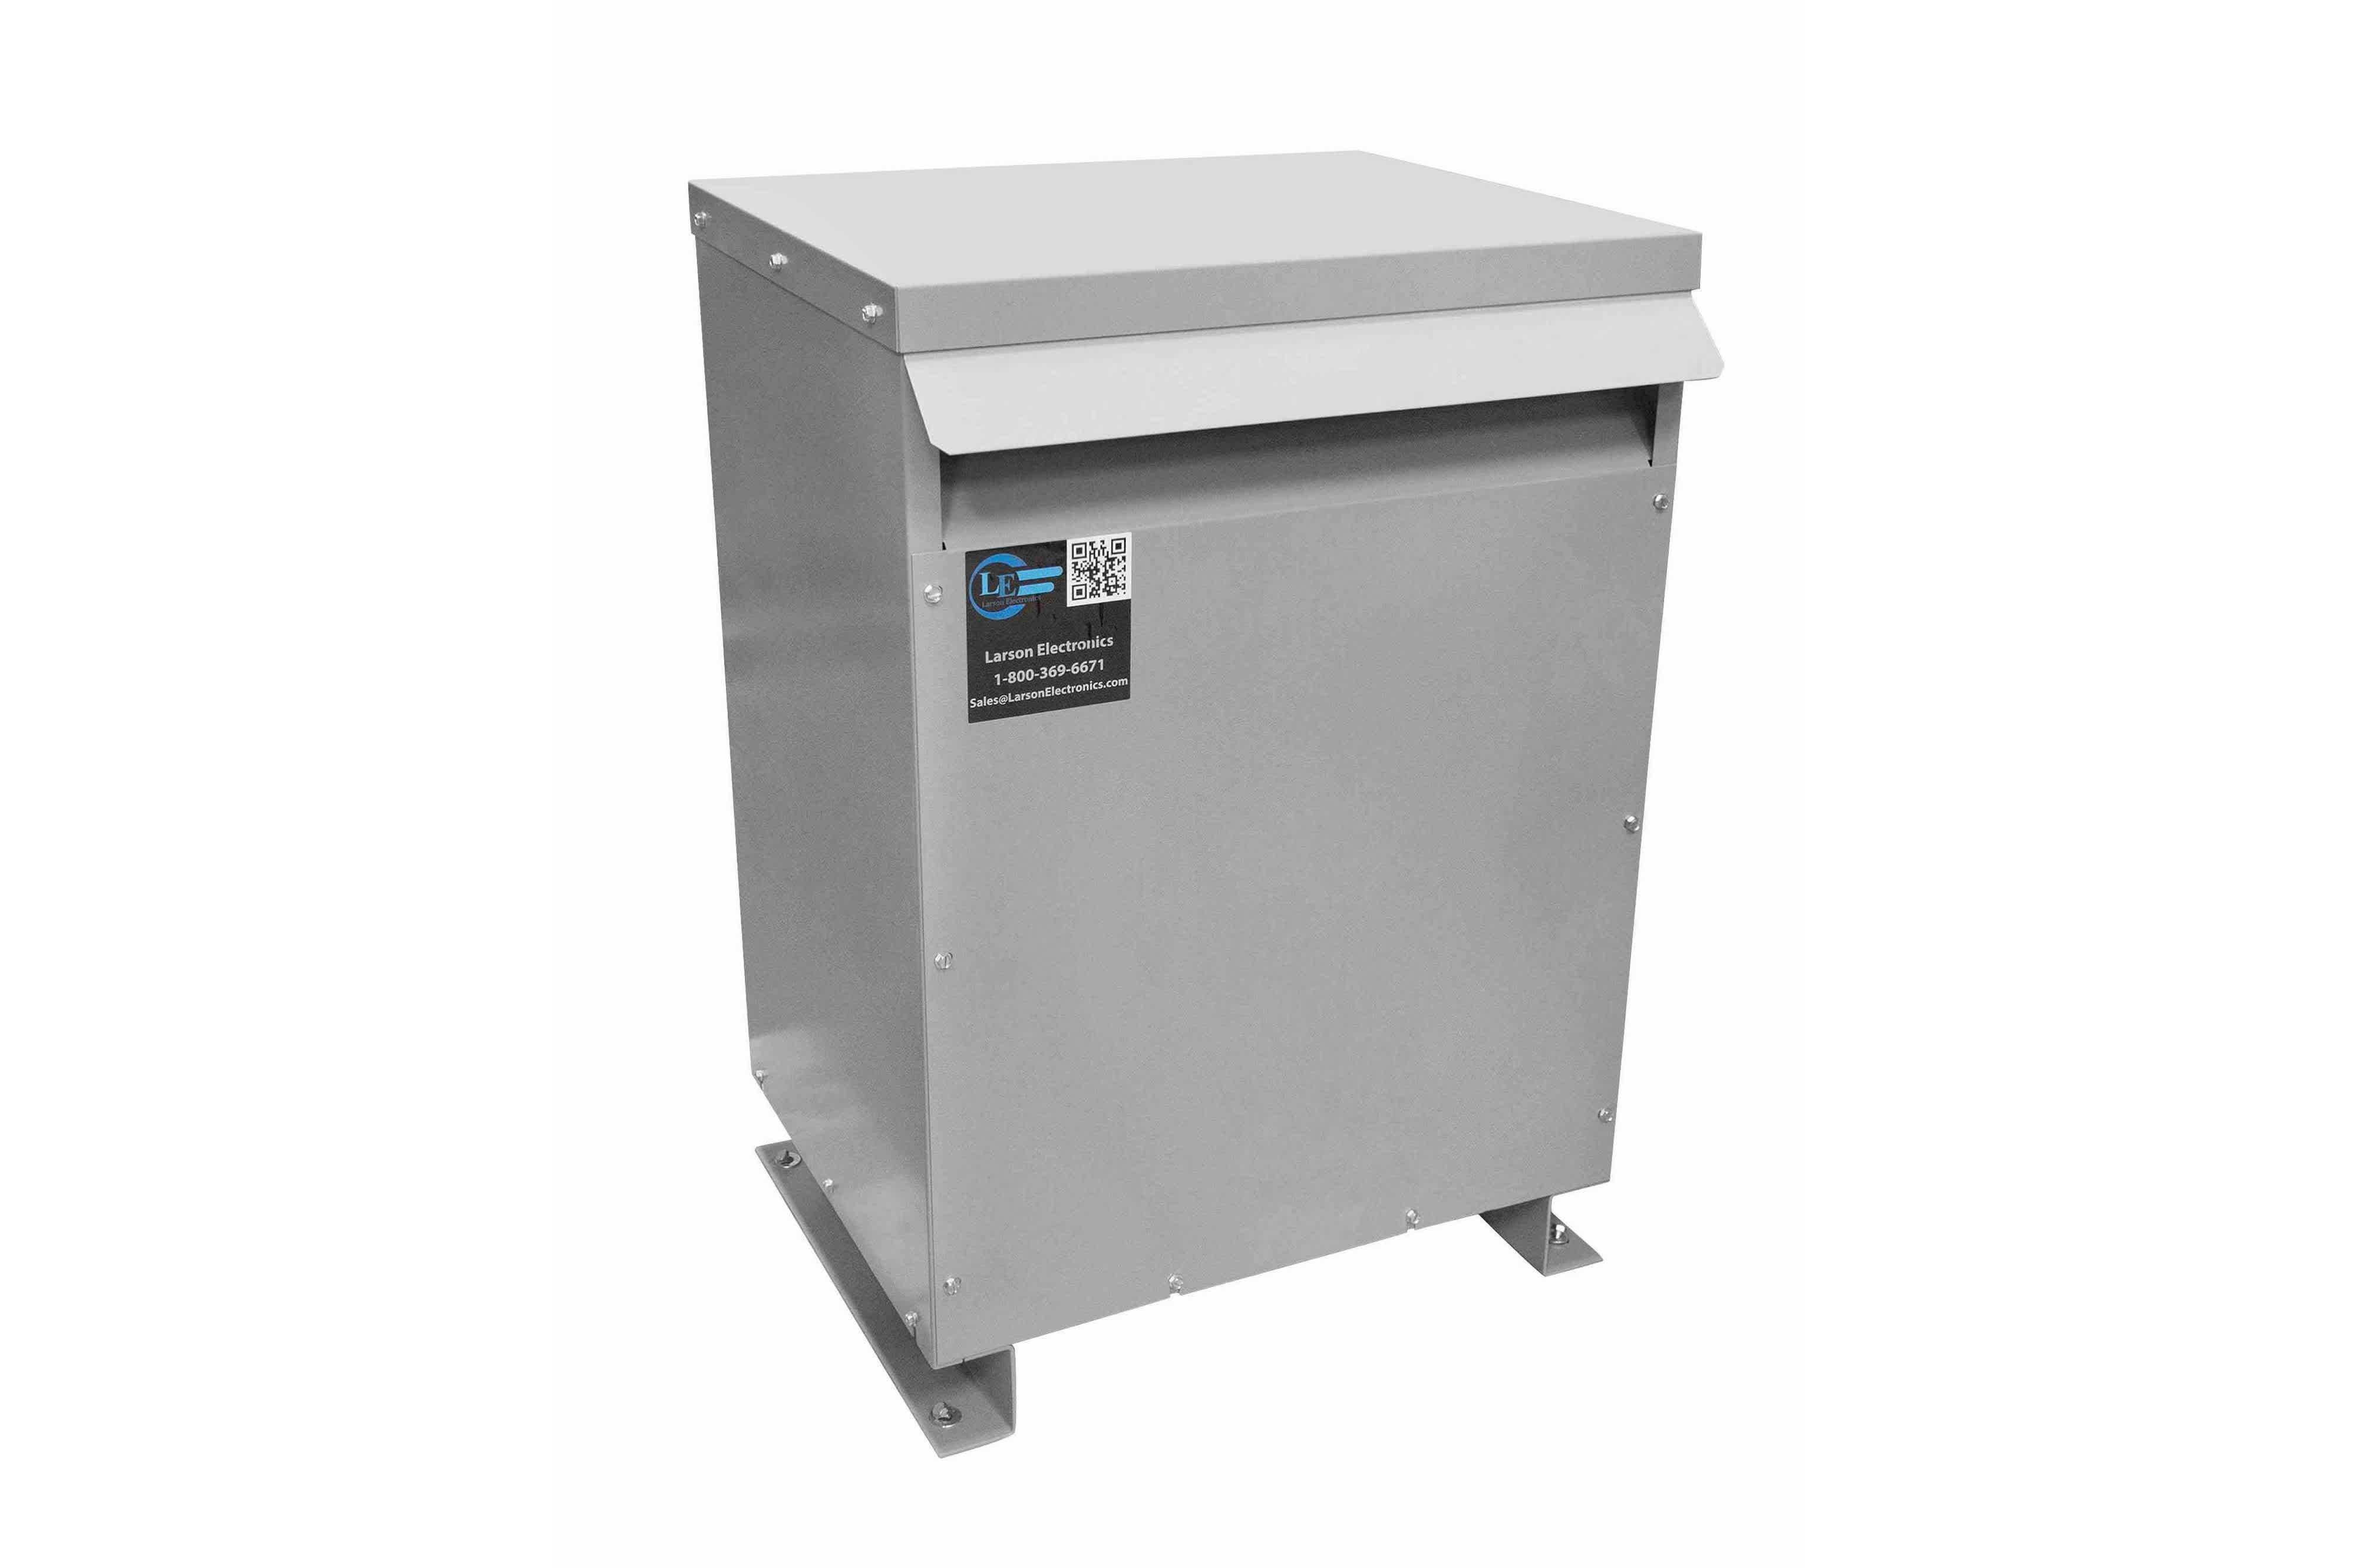 750 kVA 3PH Isolation Transformer, 600V Delta Primary, 400V Delta Secondary, N3R, Ventilated, 60 Hz